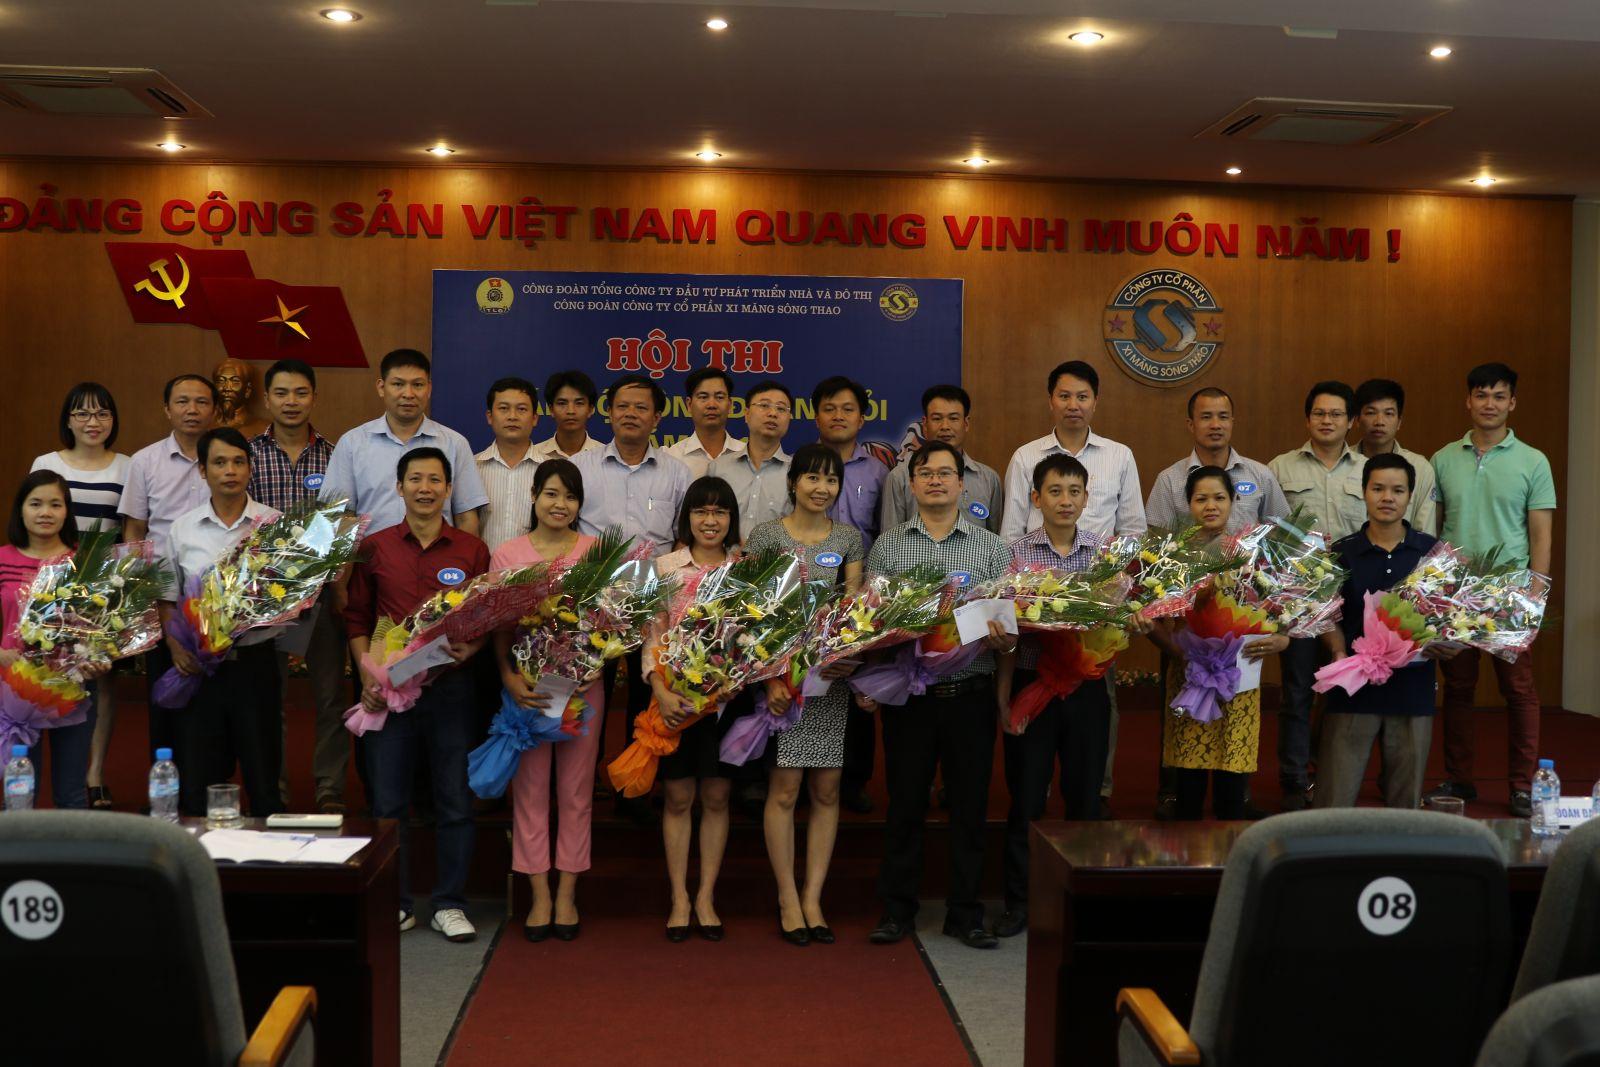 Hội thi Cán bộ Công đoàn giỏi năm 2016